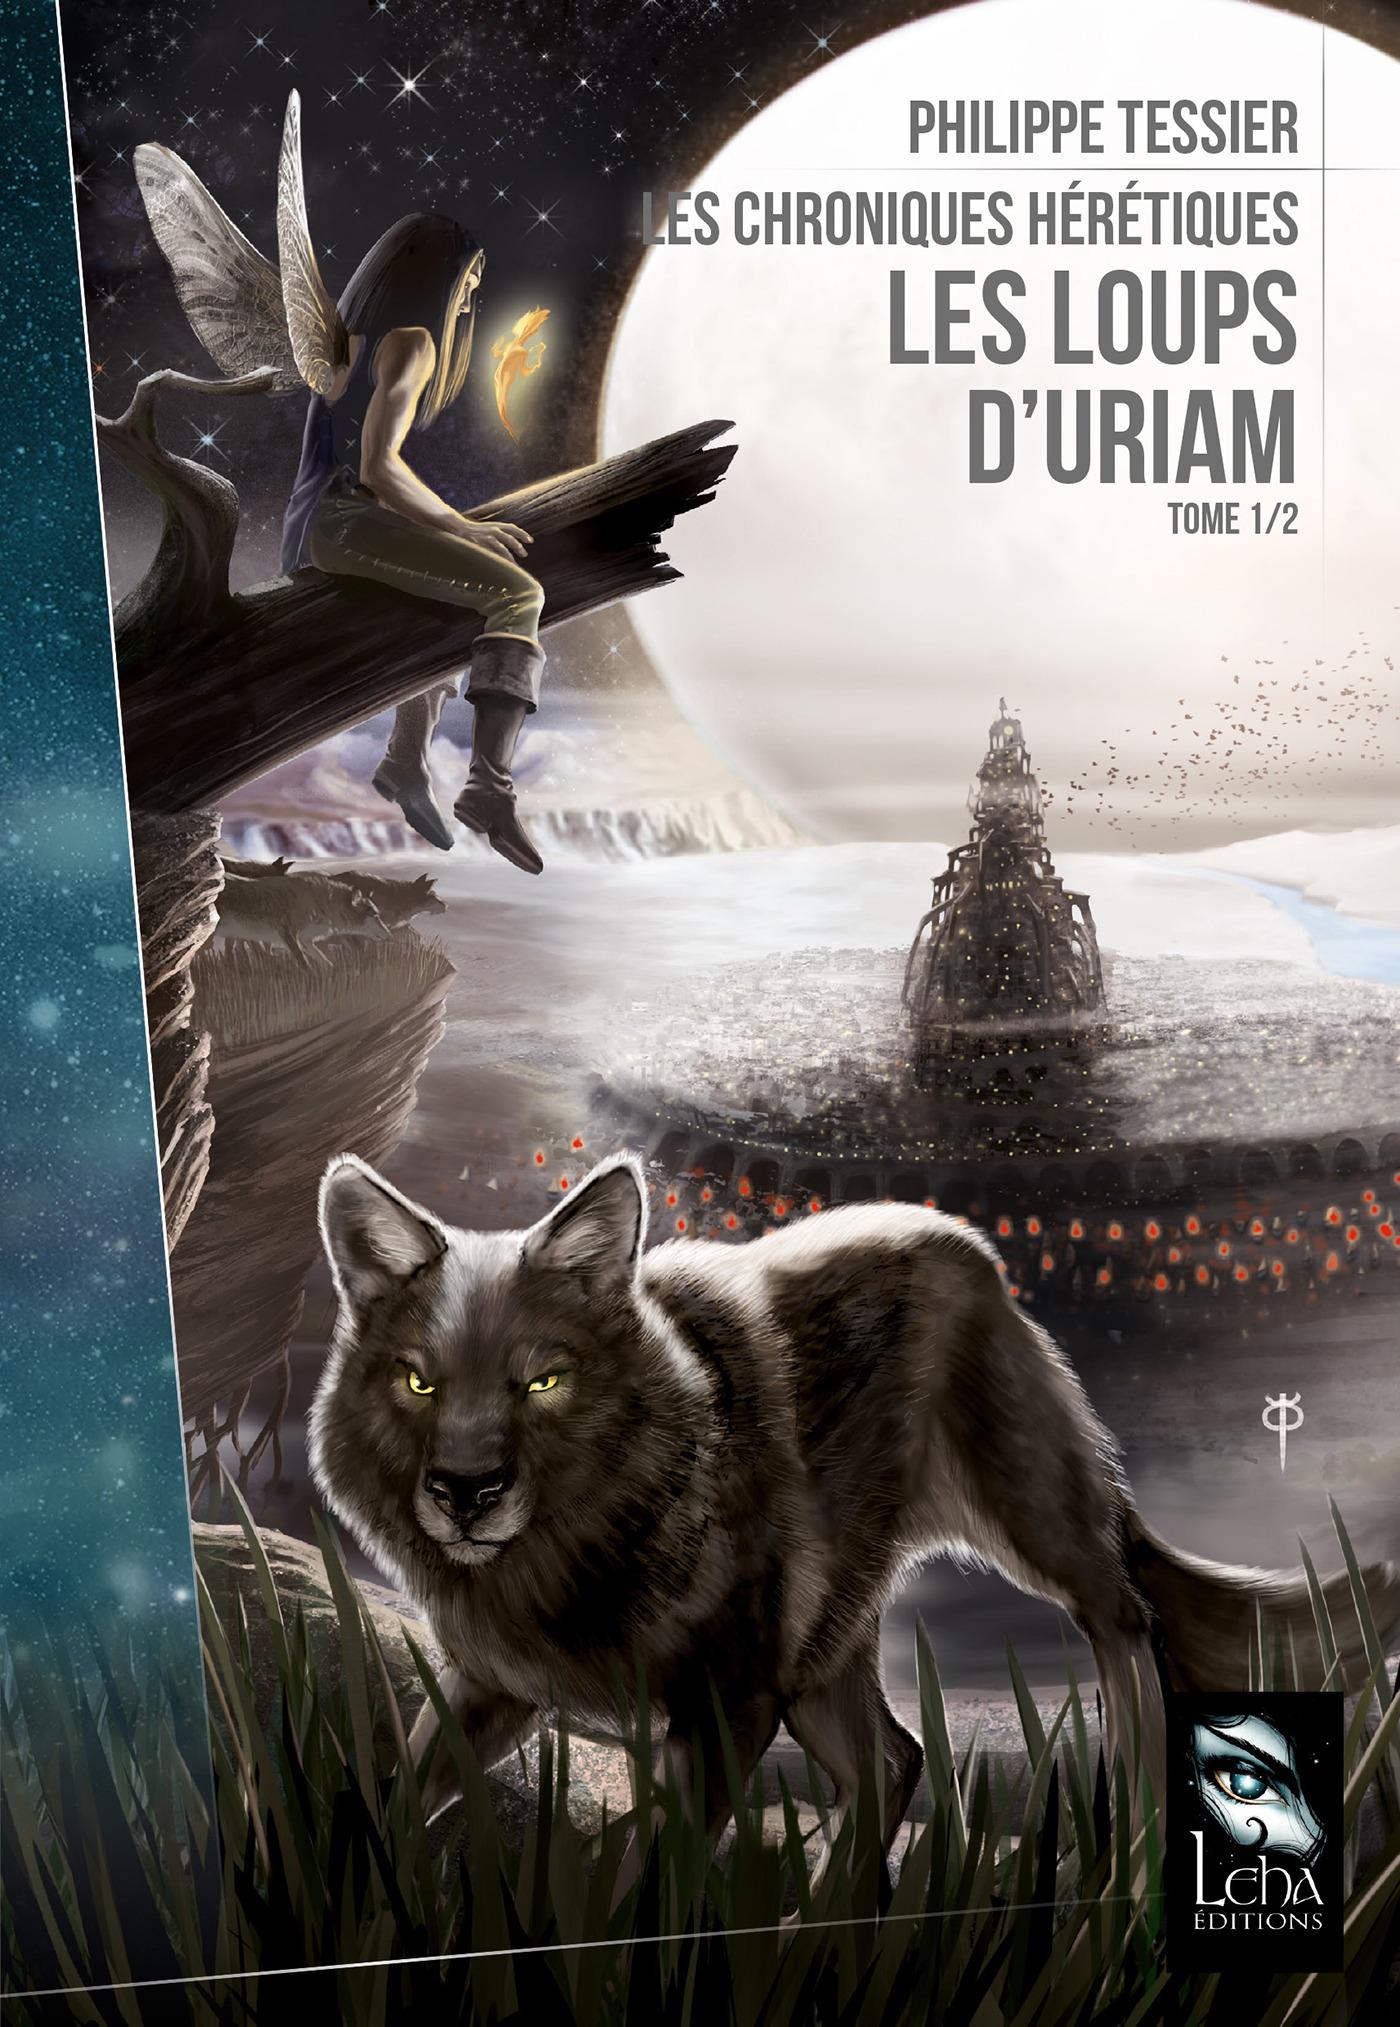 Les Loups d'Uriam, LES CHRONIQUES HÉRÉTIQUES, T1